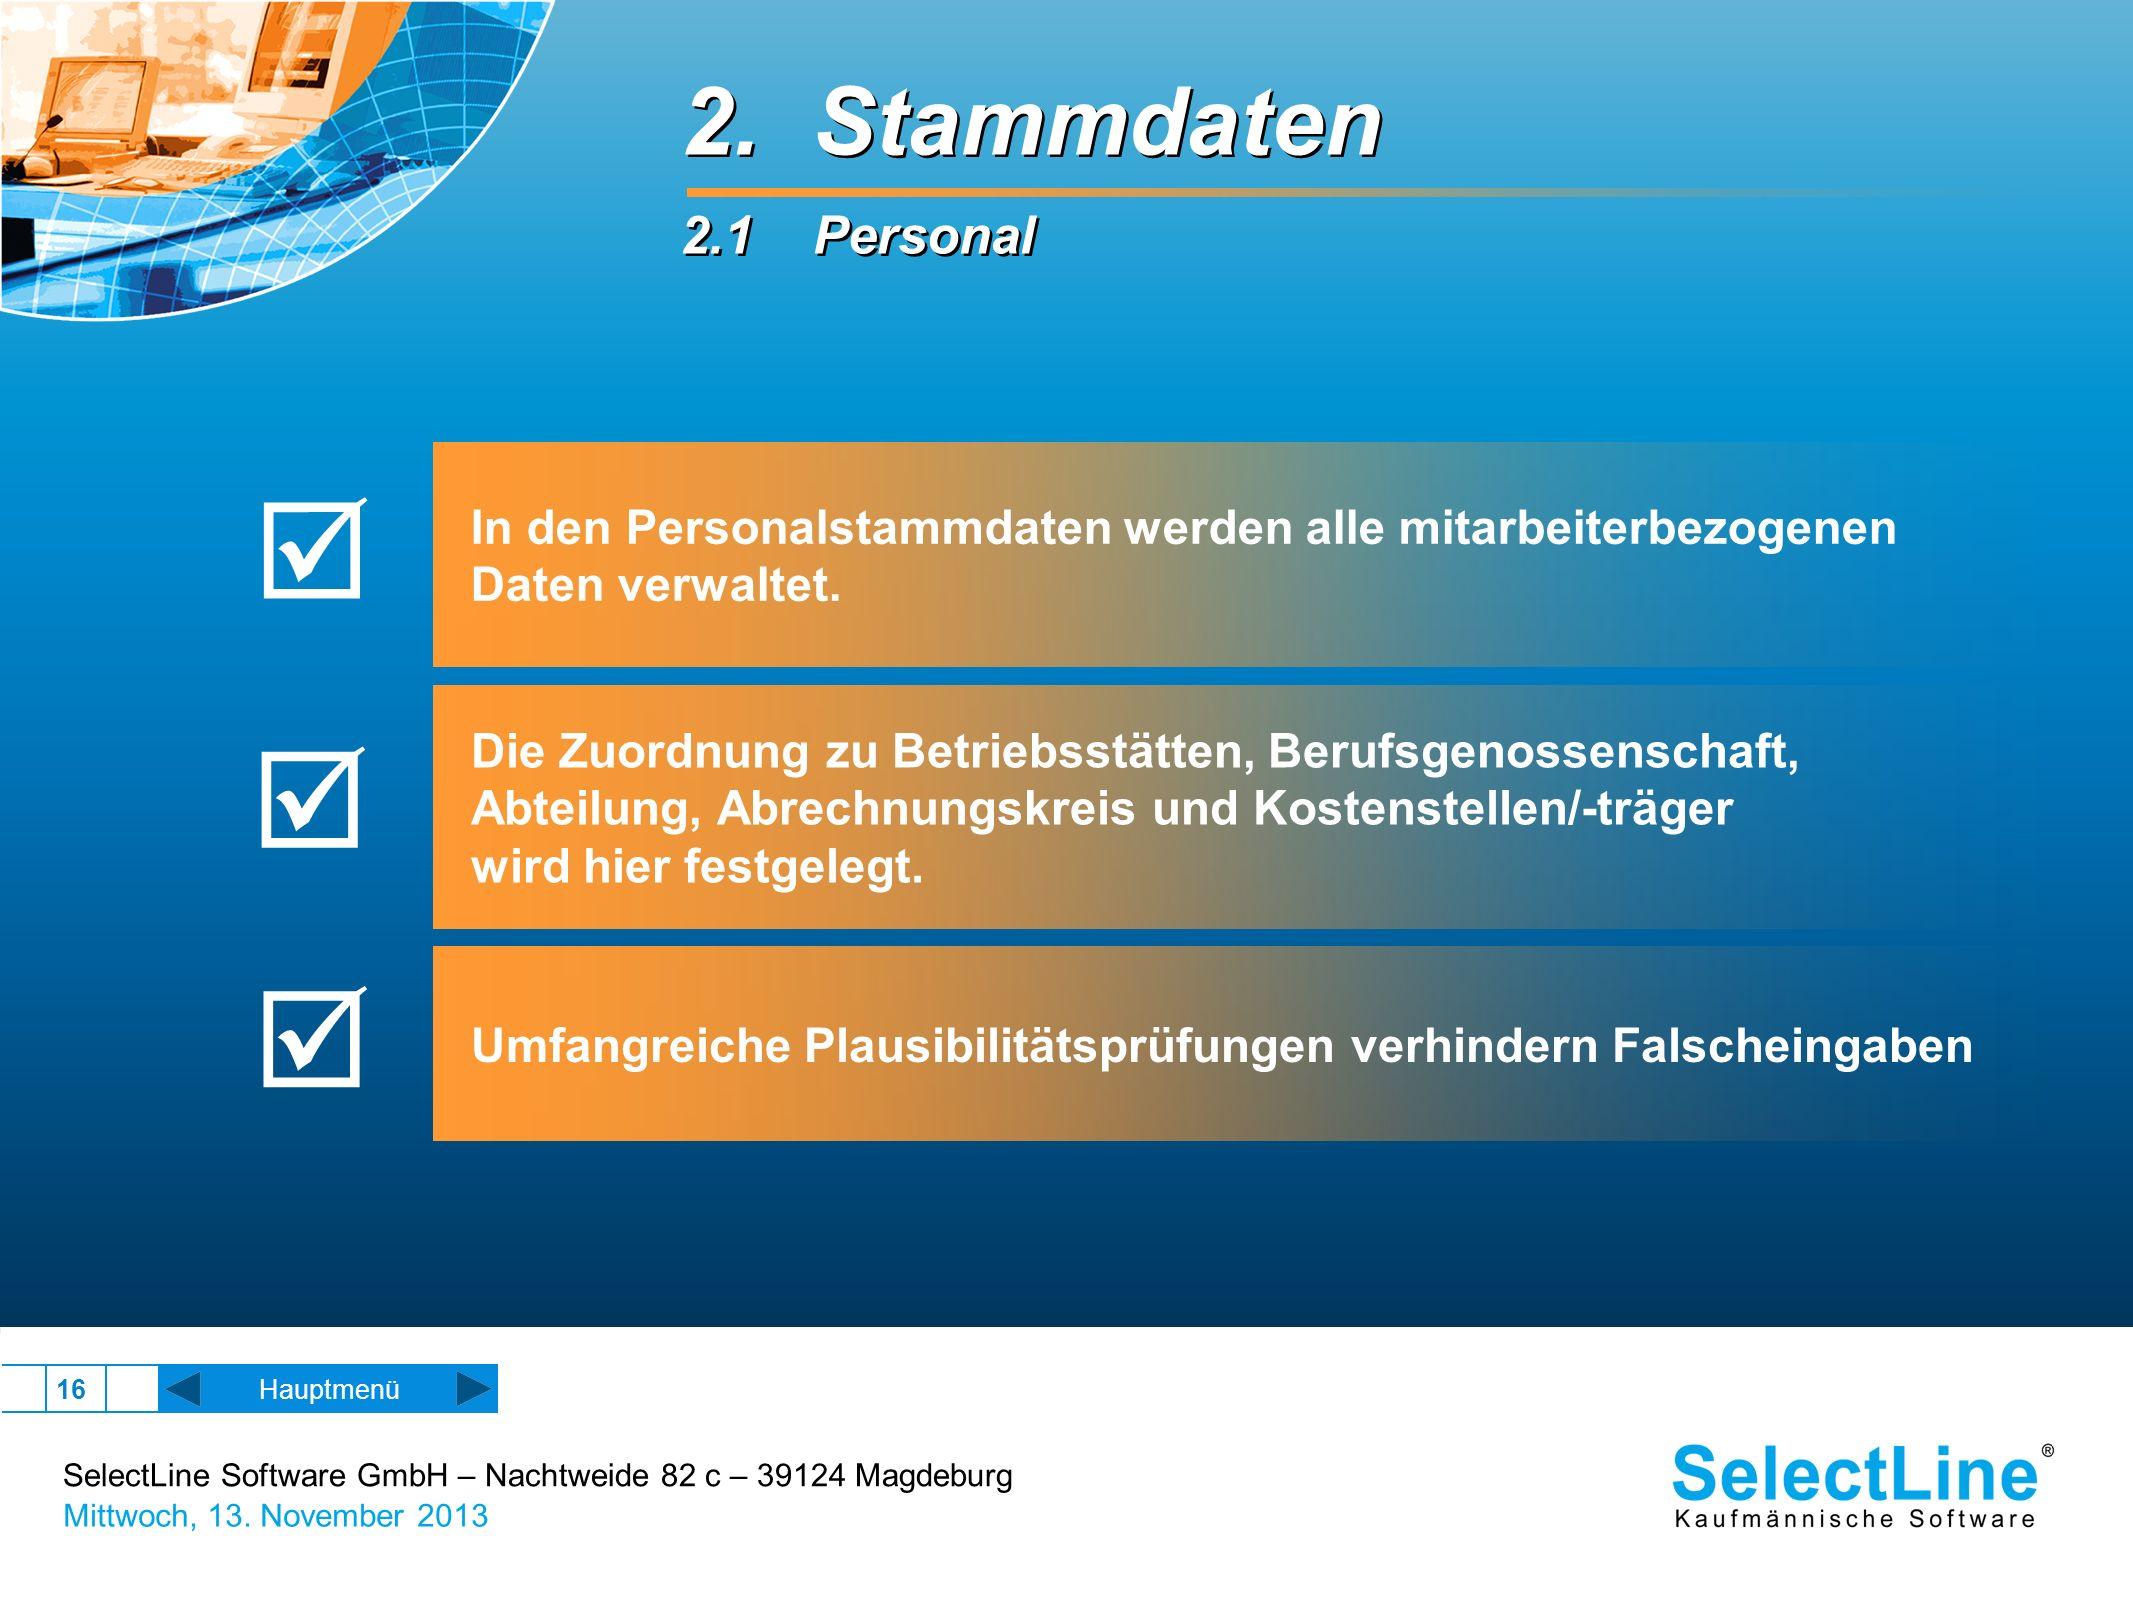 SelectLine Software GmbH – Nachtweide 82 c – 39124 Magdeburg Mittwoch, 13. November 2013 16 2. Stammdaten 2.1 Personal 2. Stammdaten 2.1 Personal Haup